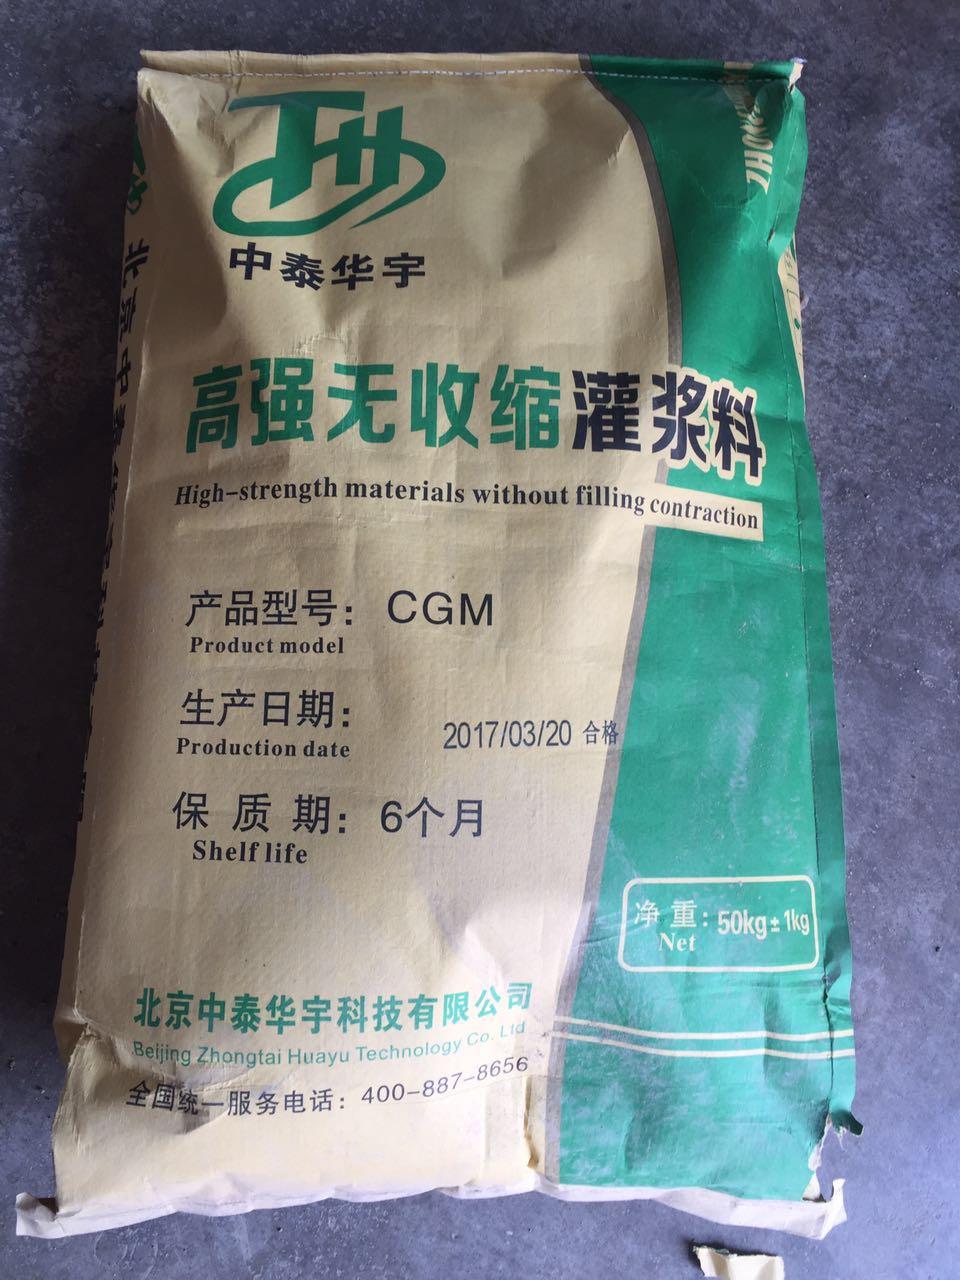 永登县T60高聚物抗裂膨胀剂参数高清图北京中泰华宇科技有限公司